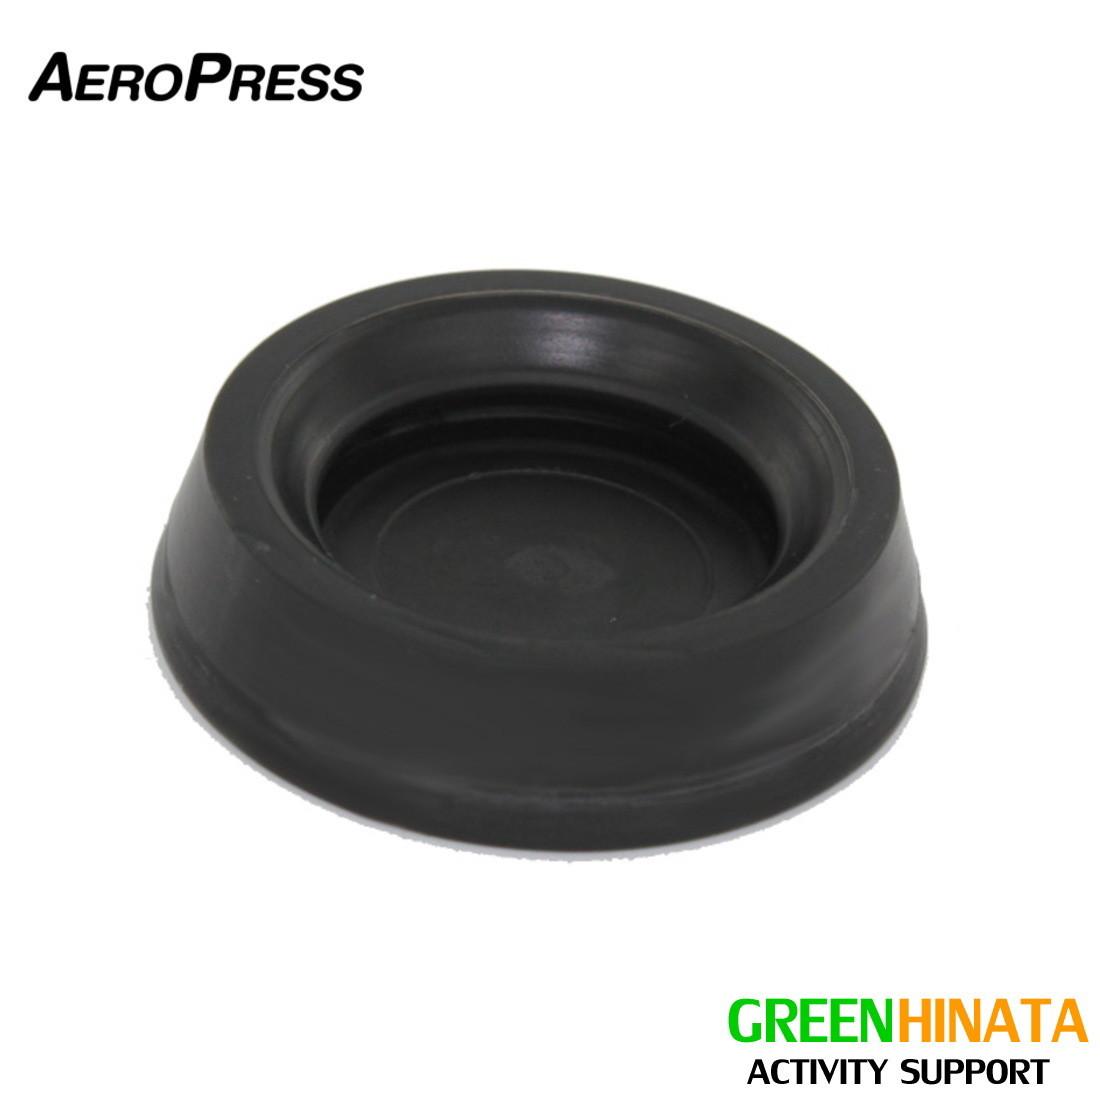 国内正規品 AeroPress エアロプレス エアロプレス用 倉庫 珈琲豆用 コーヒーミル用 プランジャーパッキン 即日出荷 手挽き